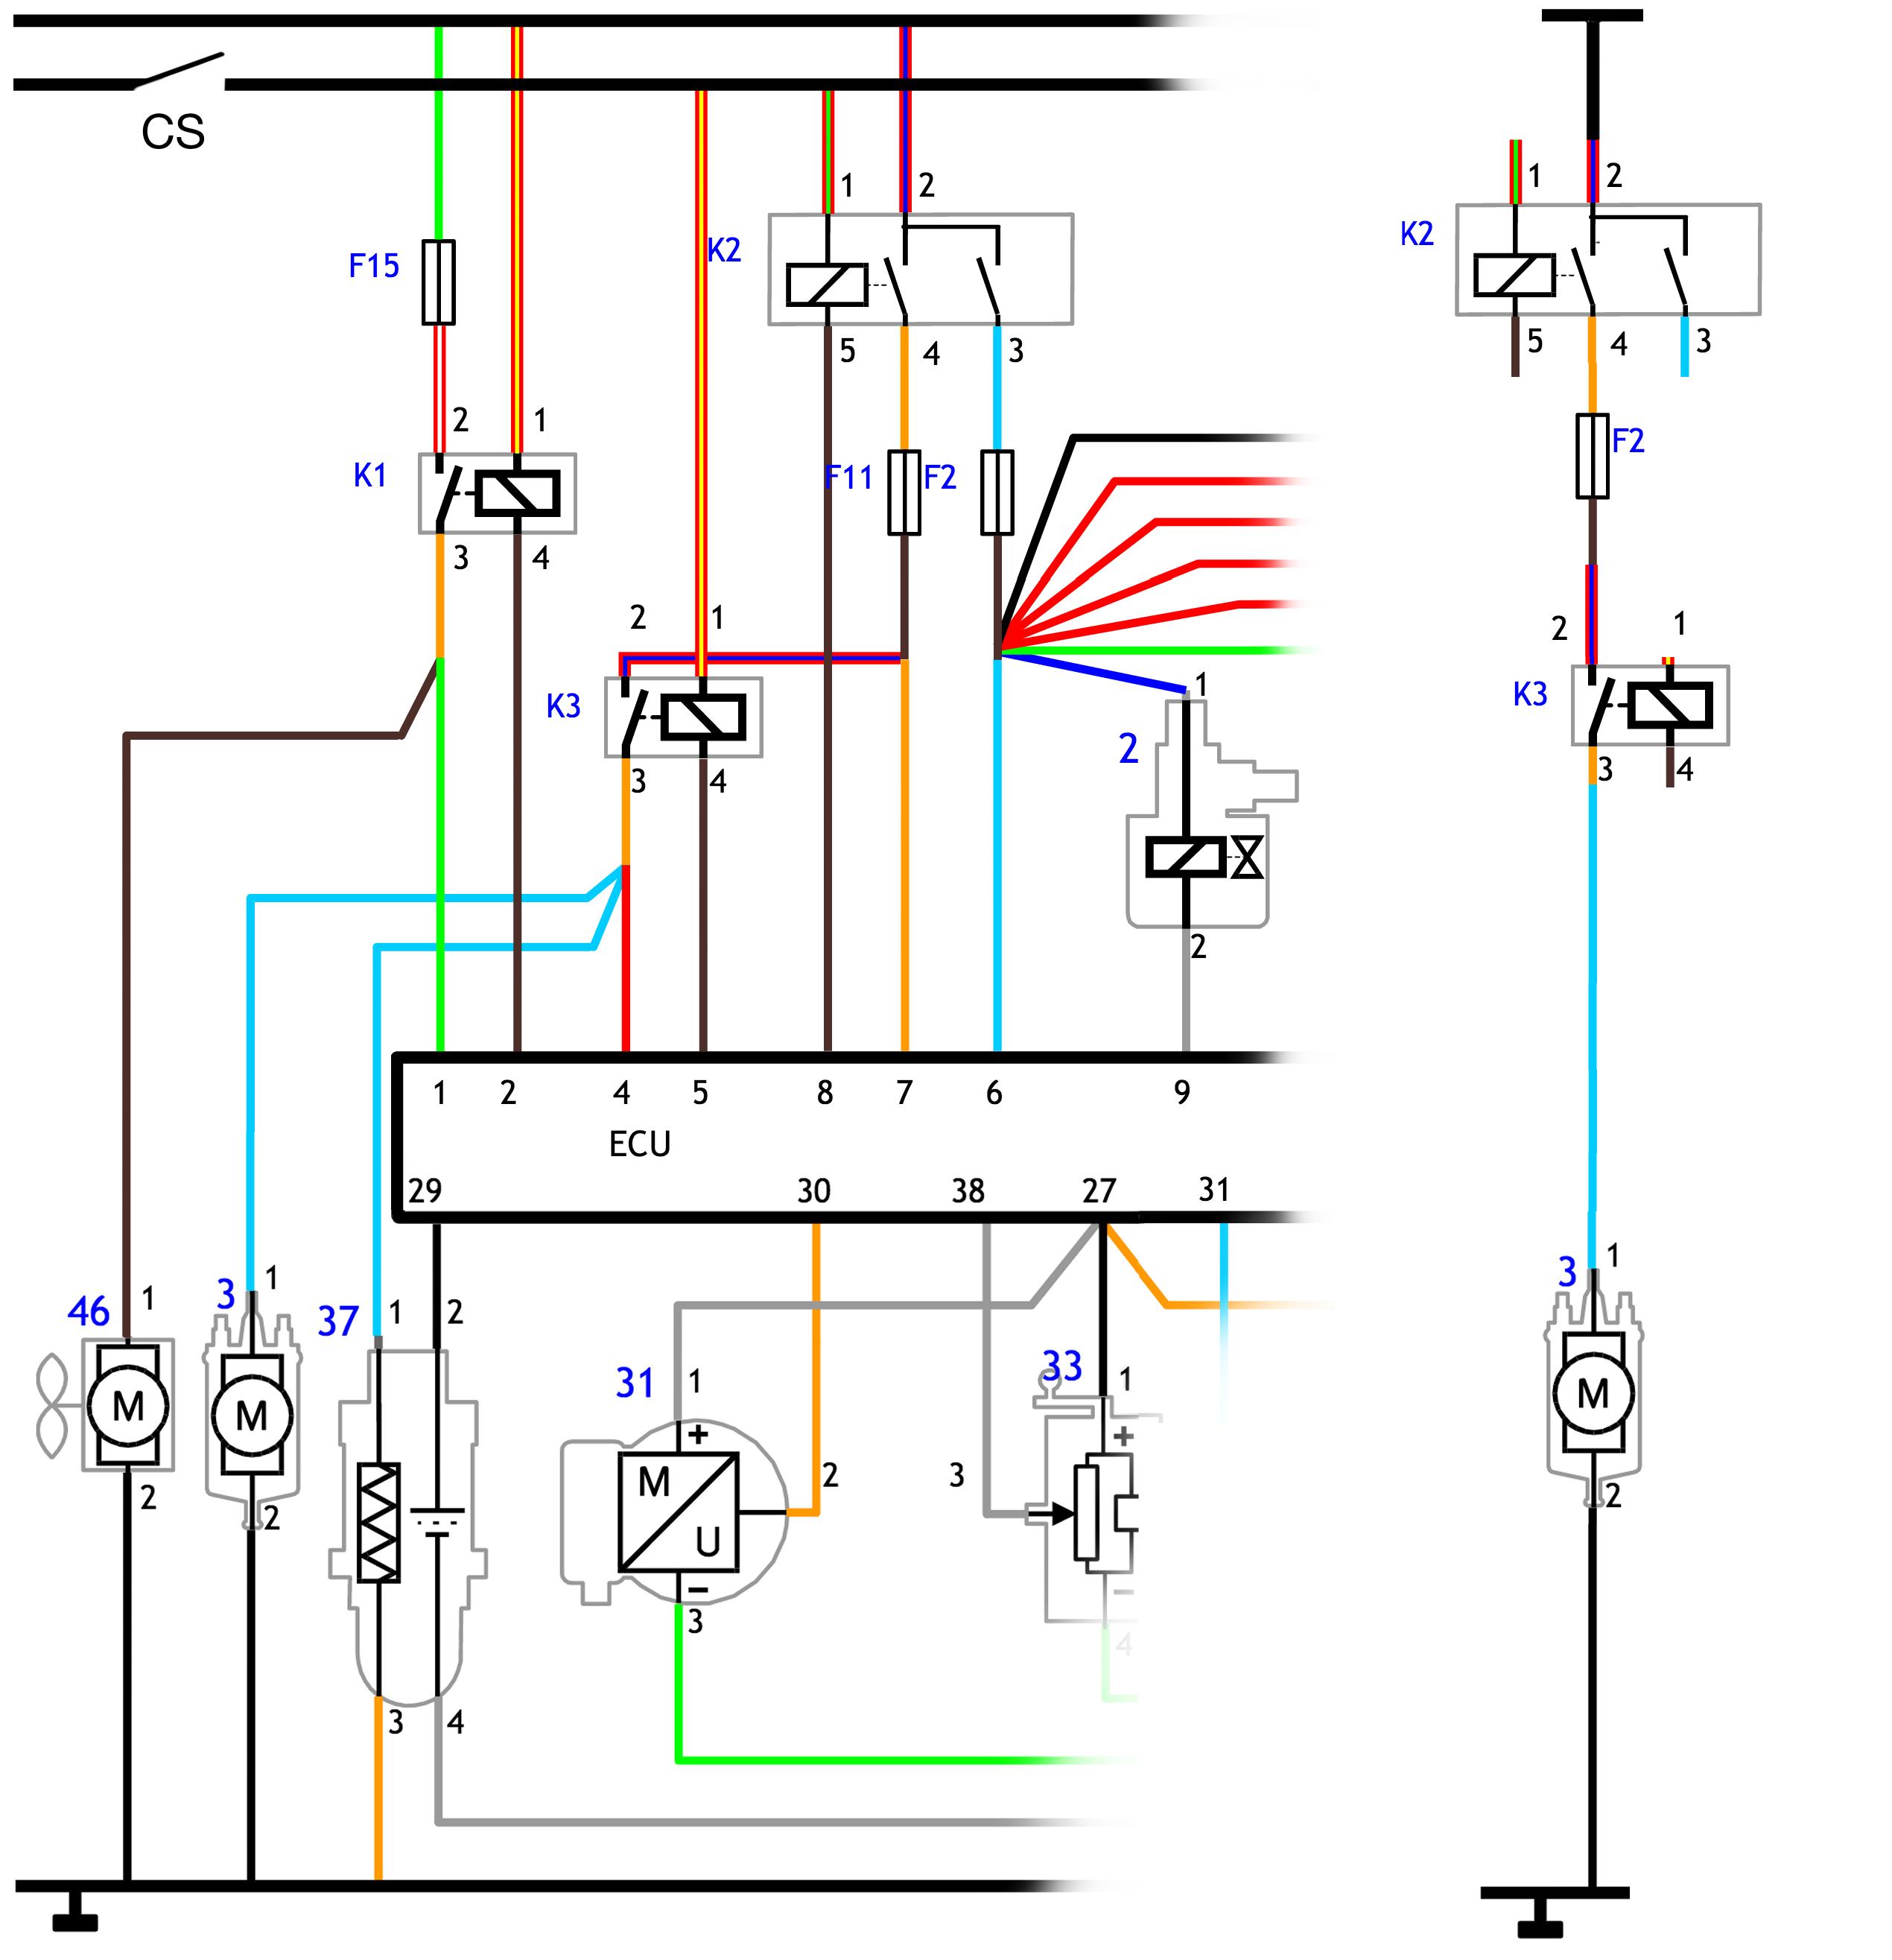 Links: deelschema motormanagement. Rechts: afge- peld schema met één verbruiker, de brandstofpomp.